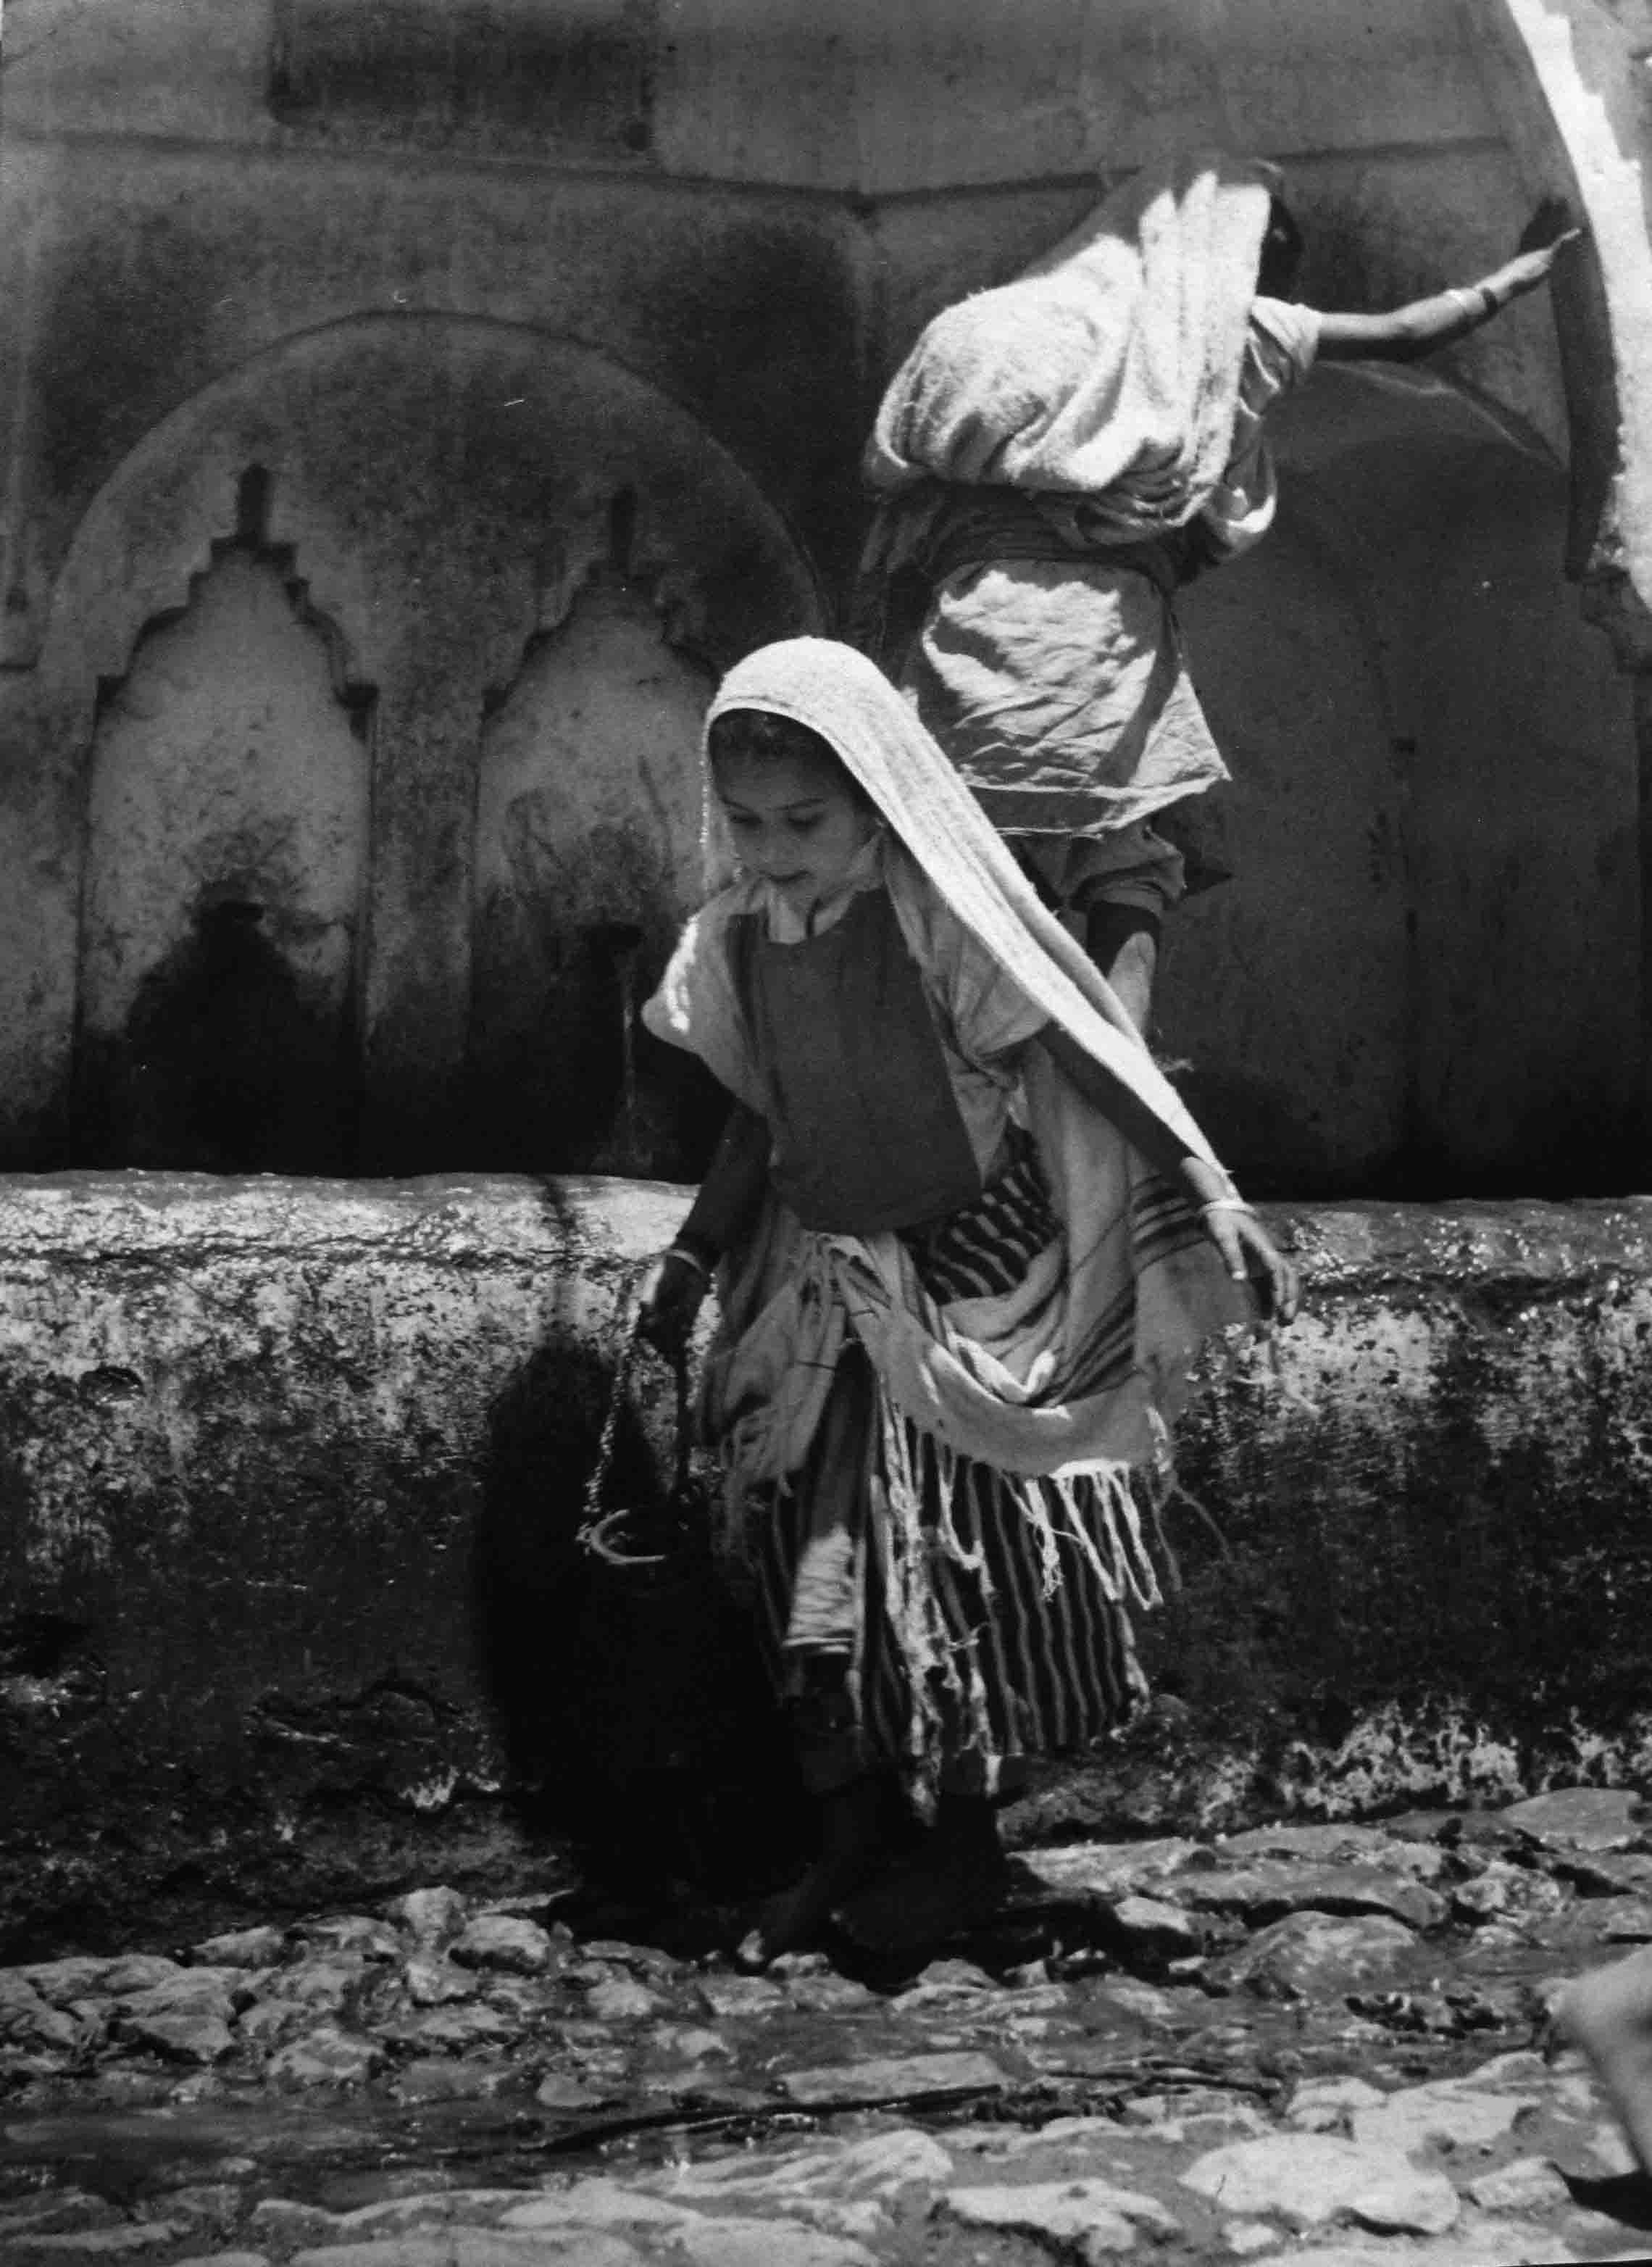 Dos niñas en la fuente. Marruecos, 1942<br/>Gelatina de plata / Silver gelatin print